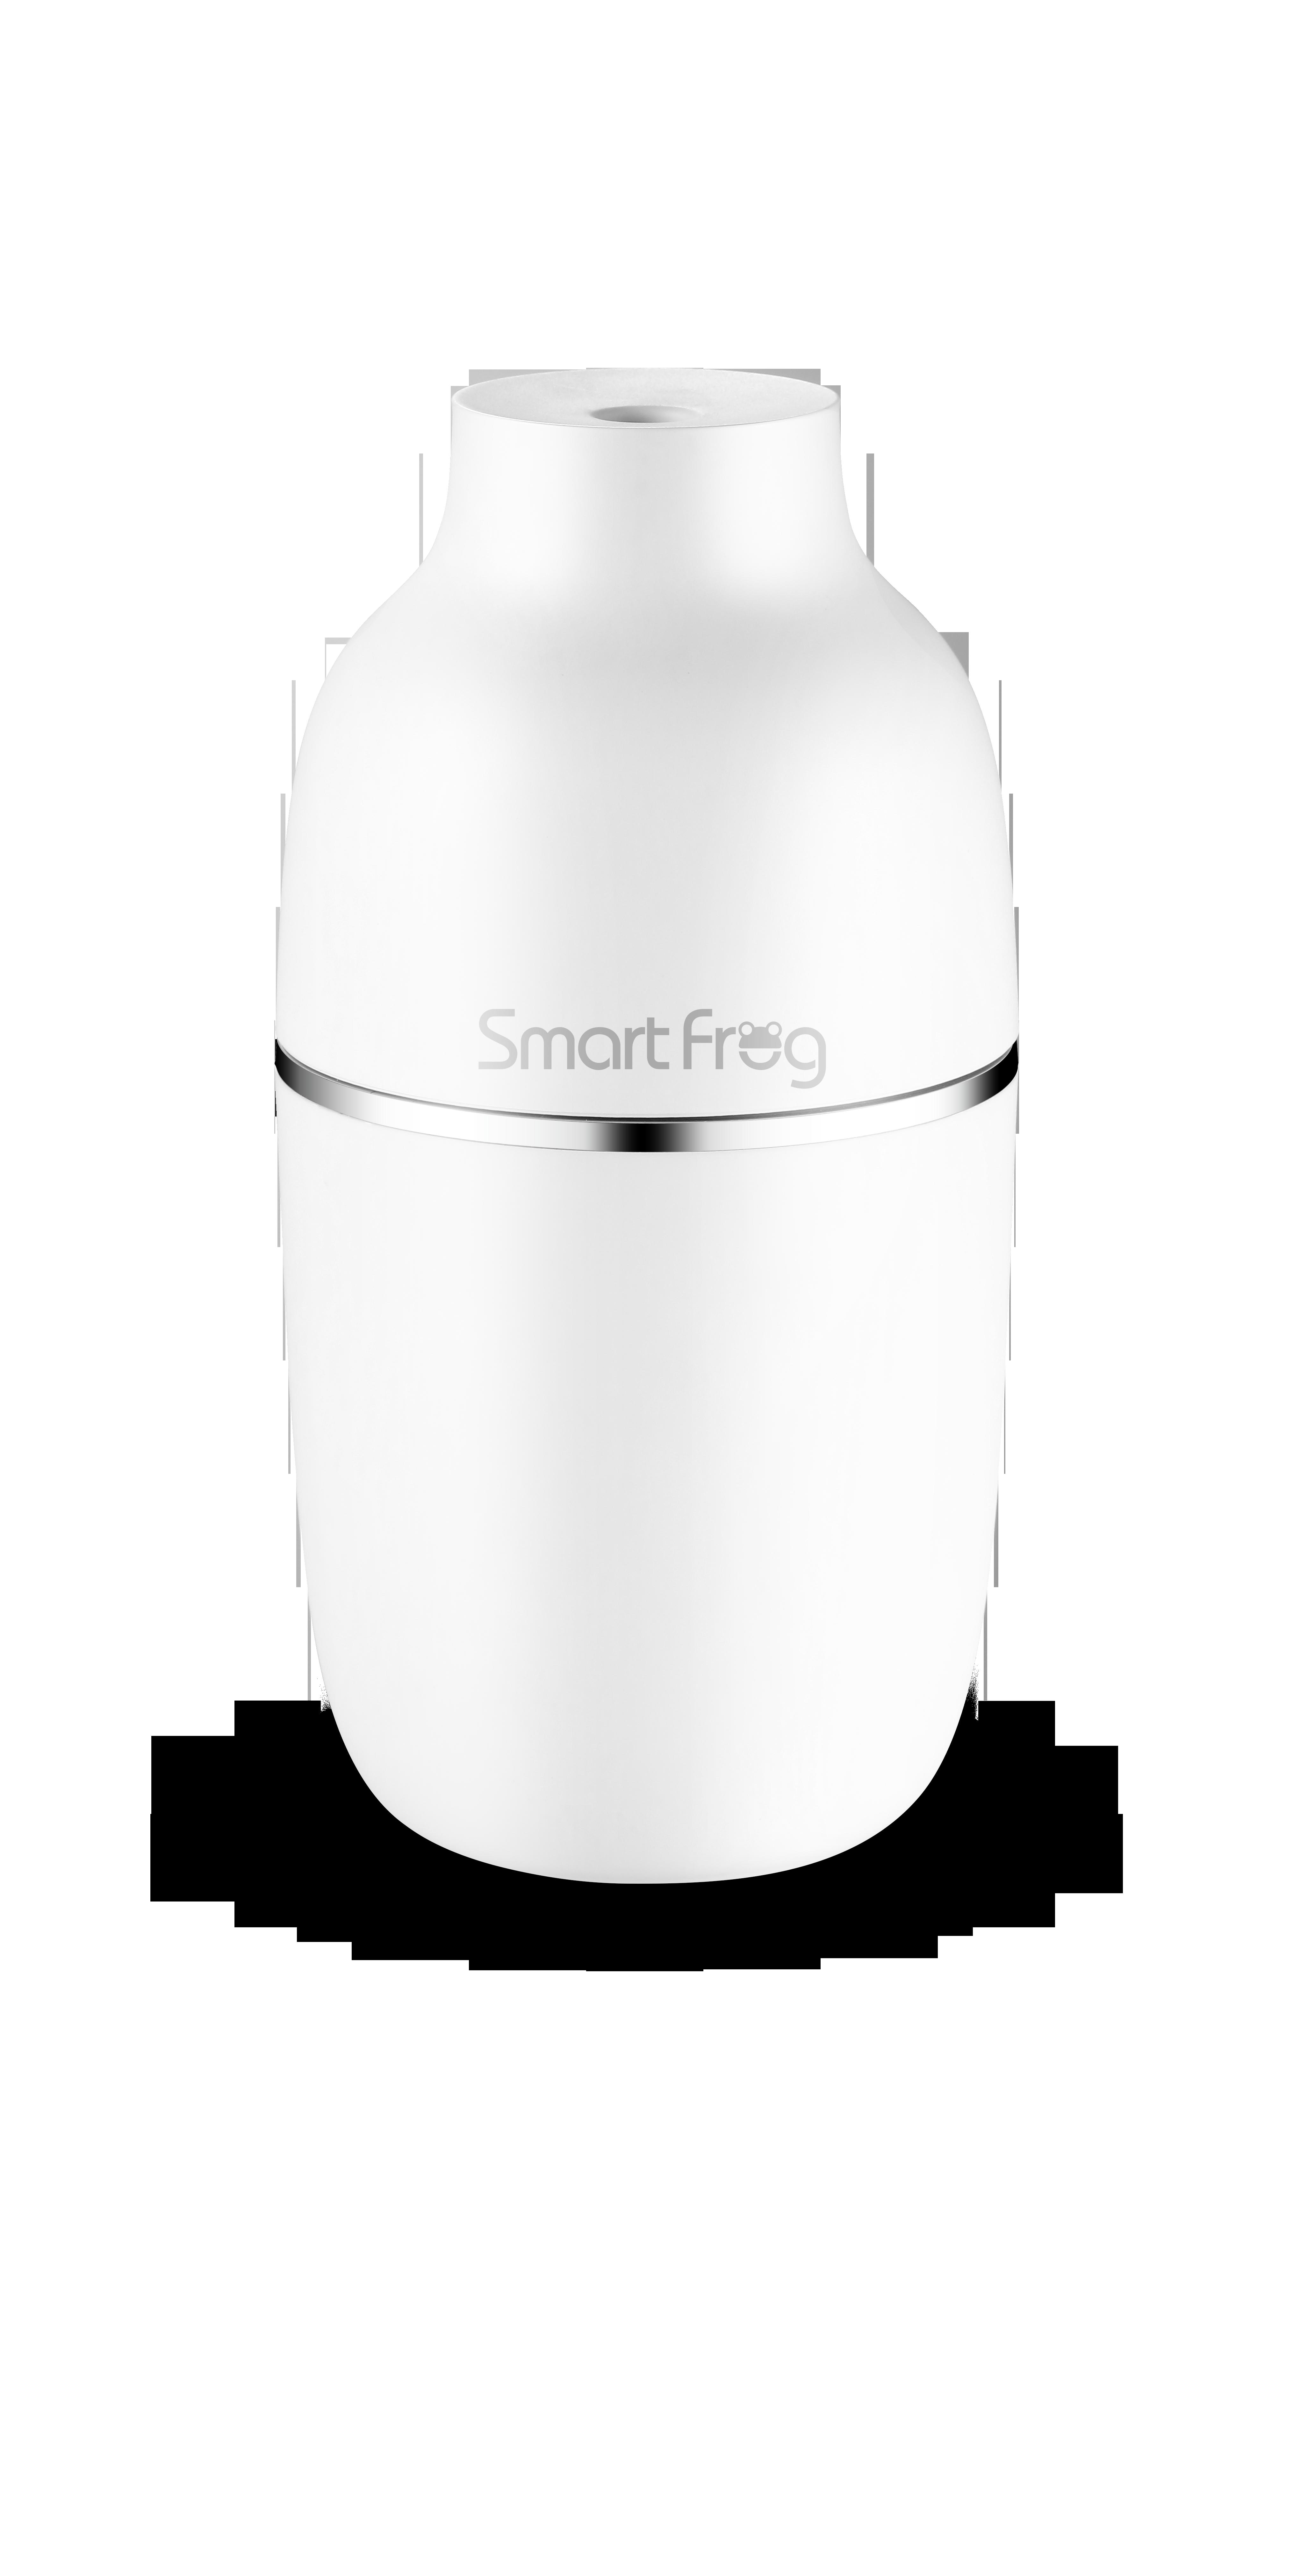 卡蛙(SmartFrog)超声波香薰加湿器/空气加湿器/迷你车载usb加湿器/家用便携办公室静音喷雾 水蜜陶-黑色